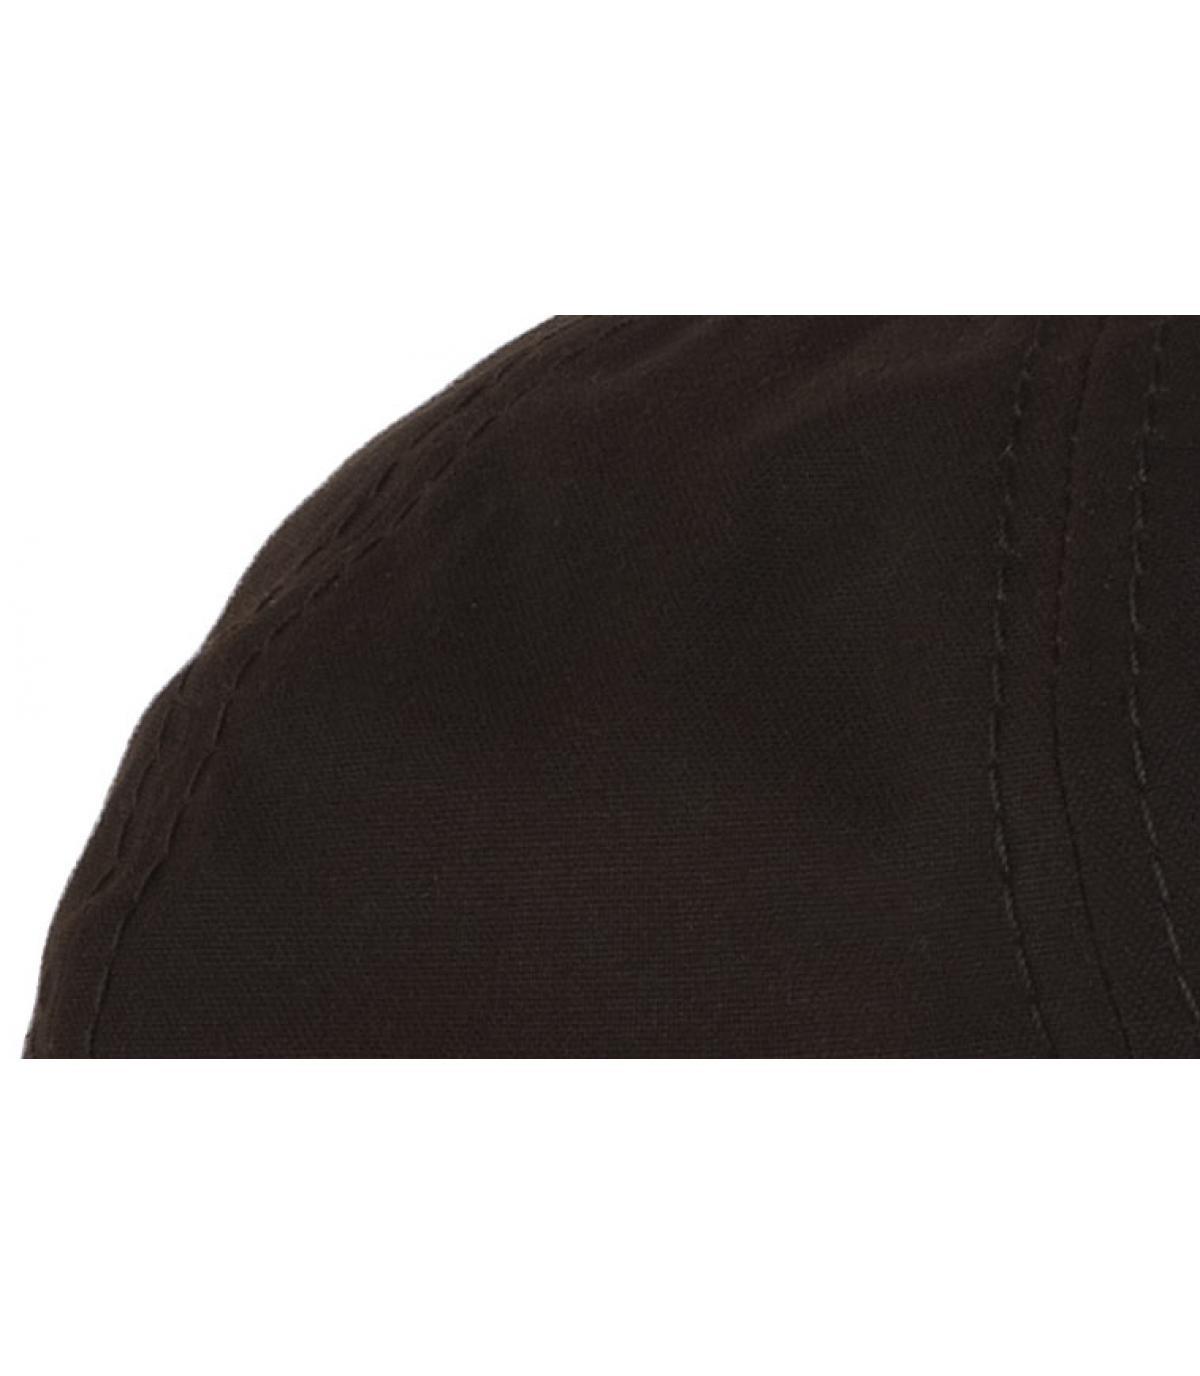 Details Braune Hatteras aus gewachster Baumwolle  - Abbildung 2